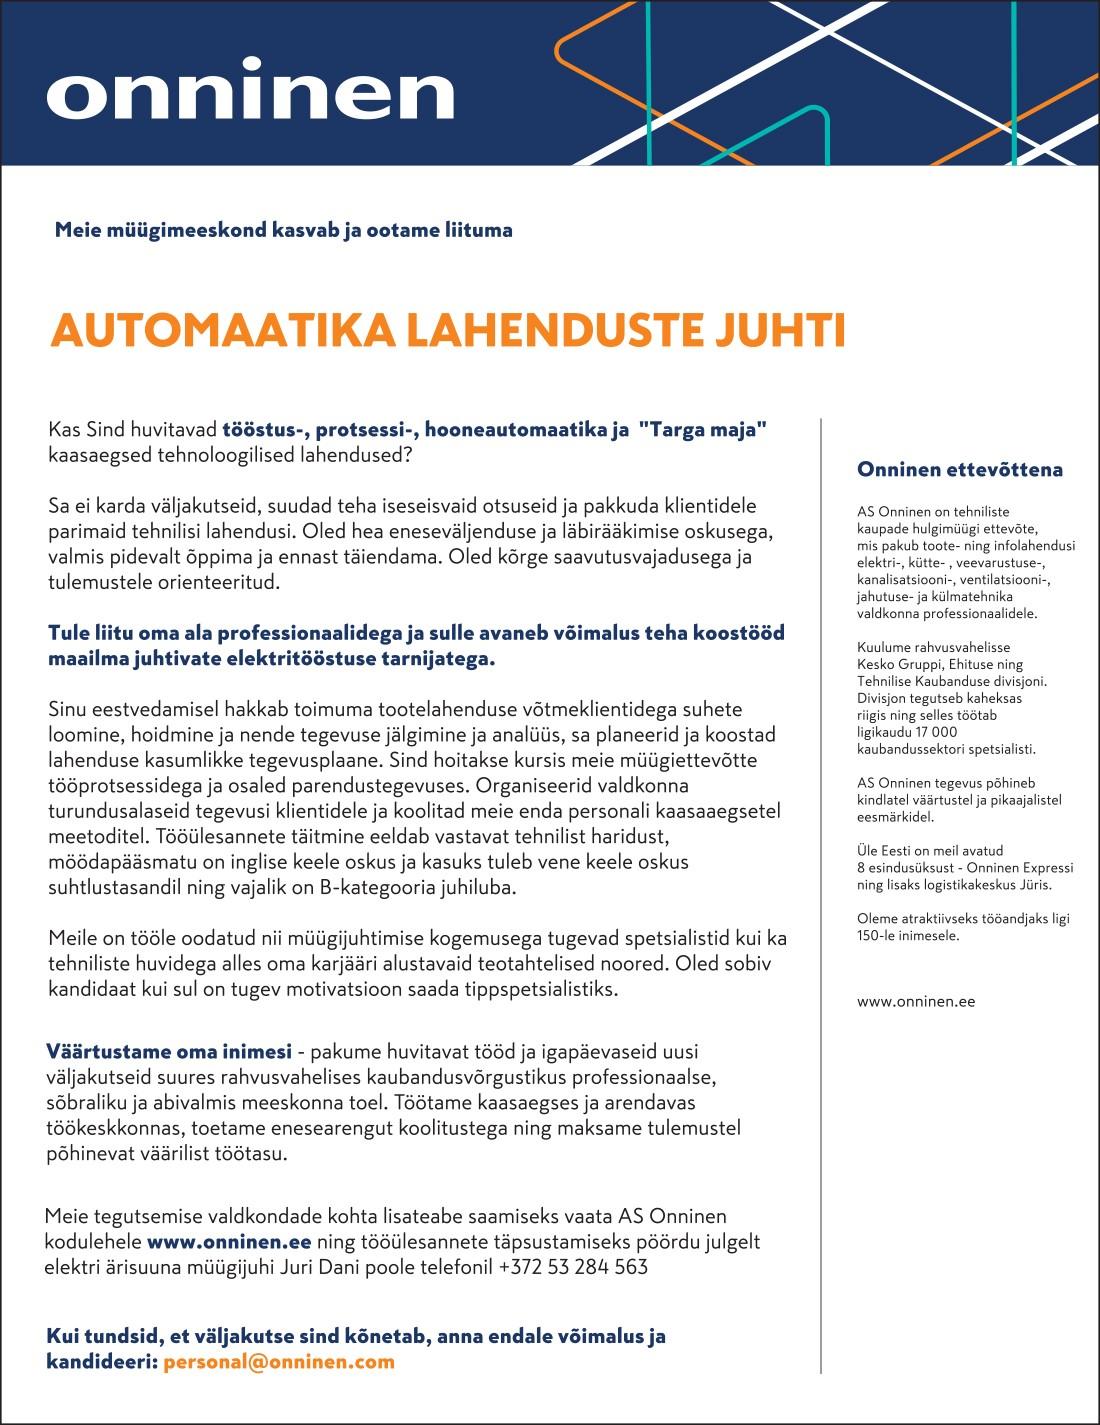 AUTOMAATIKA LAHENDUSTE JUHT